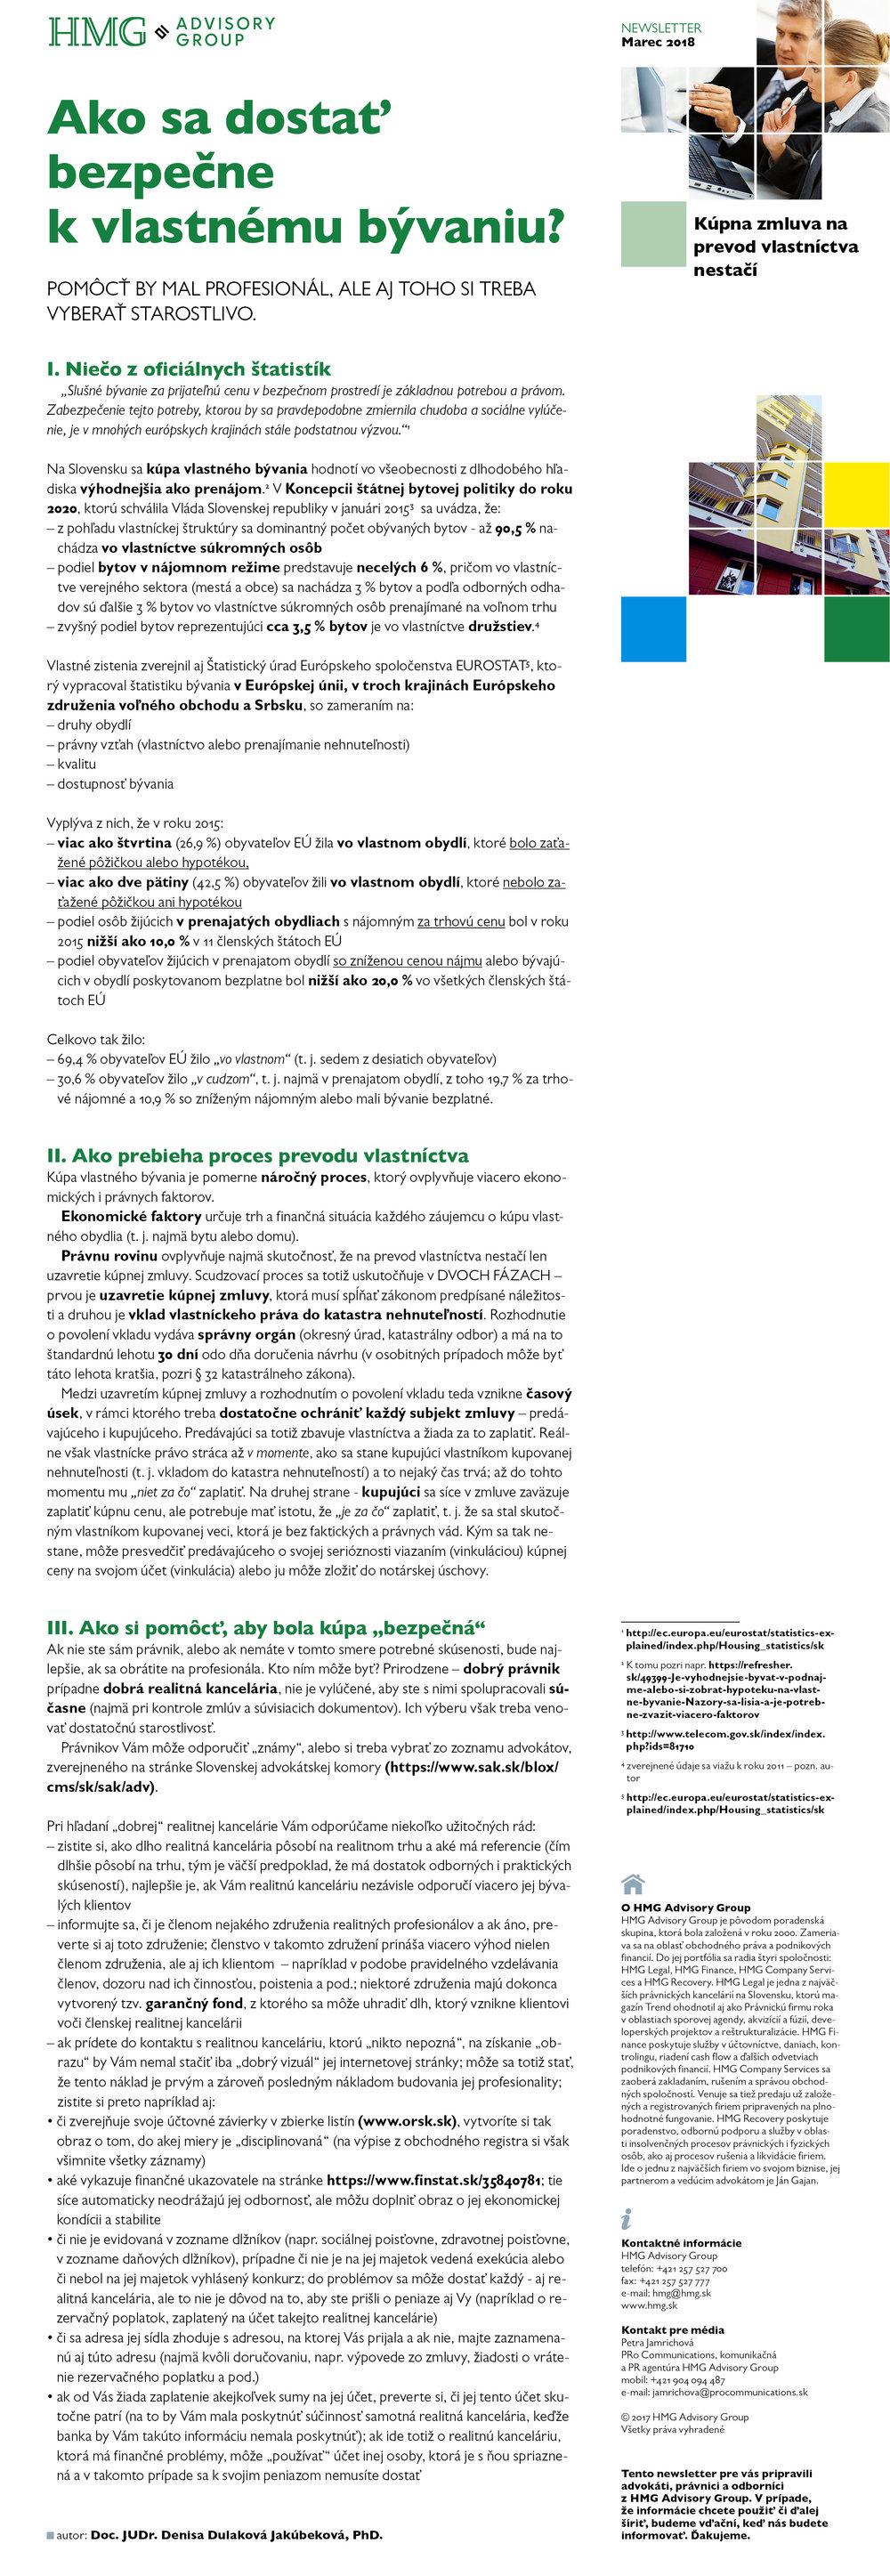 HMG_newsletter_byvanie.jpg